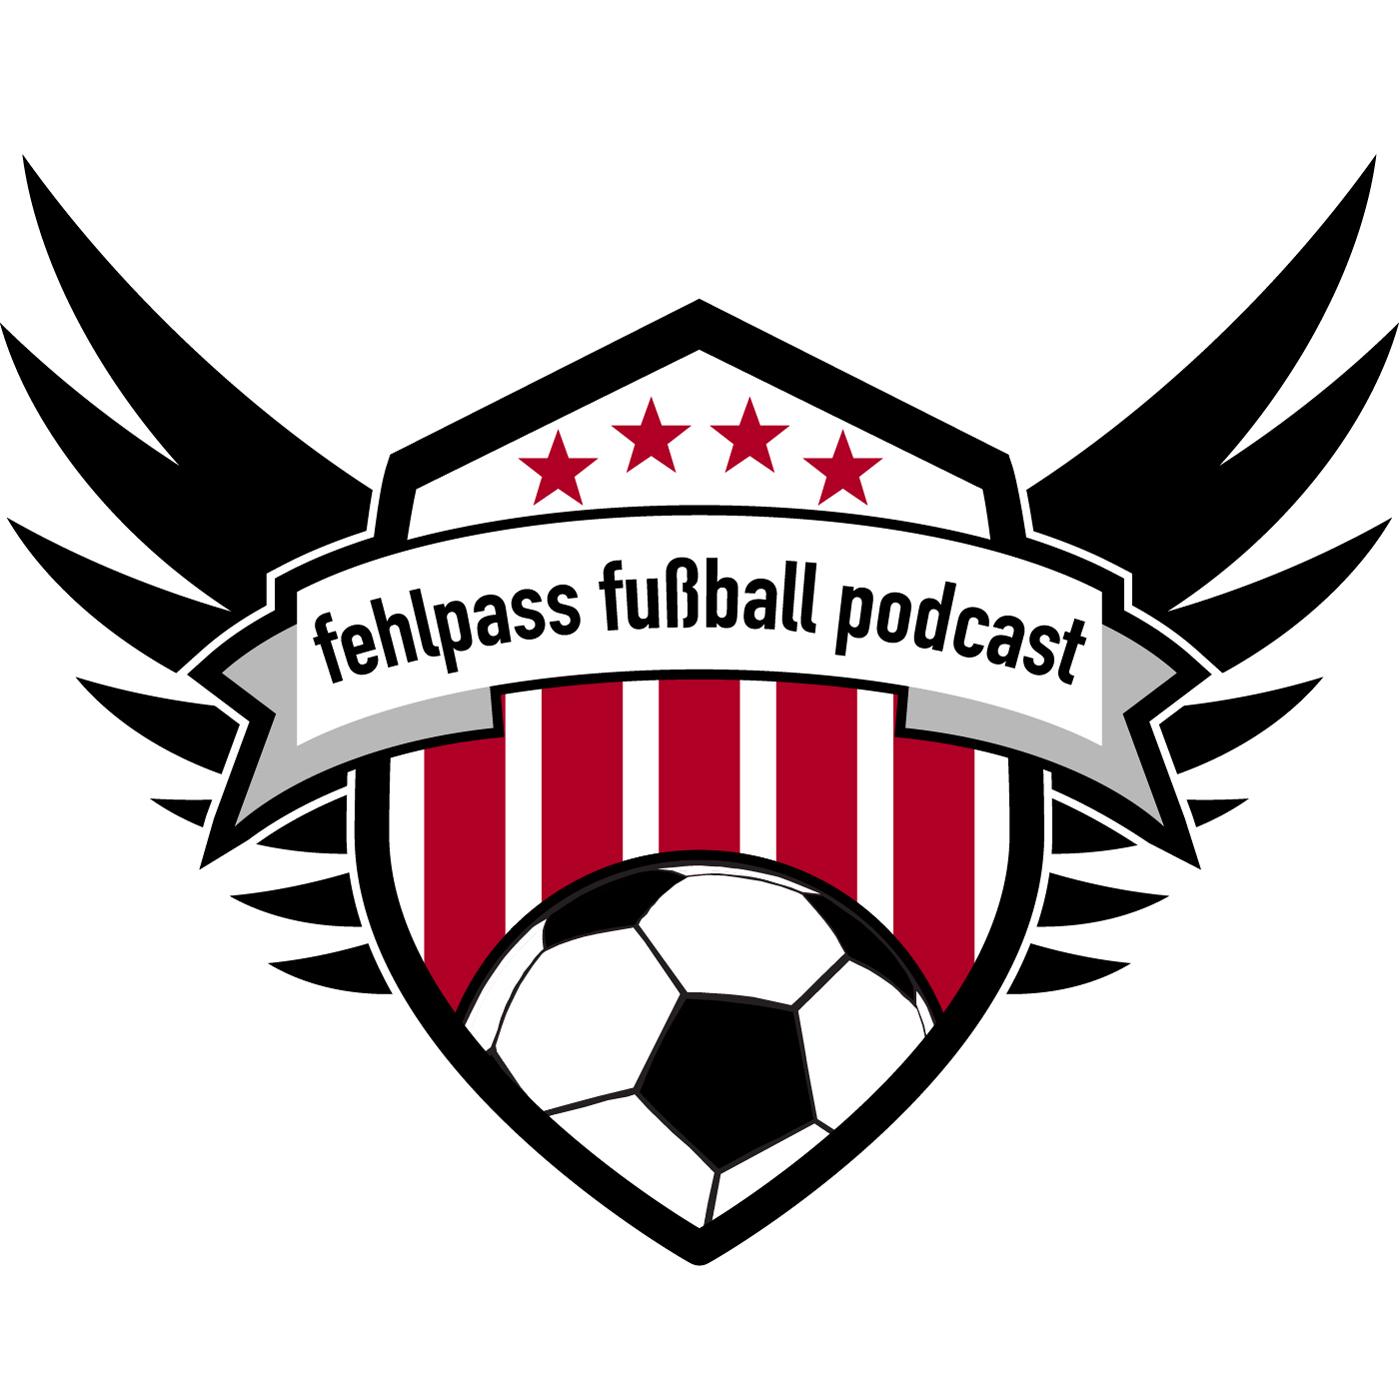 Fehlpass Fußball Podcast